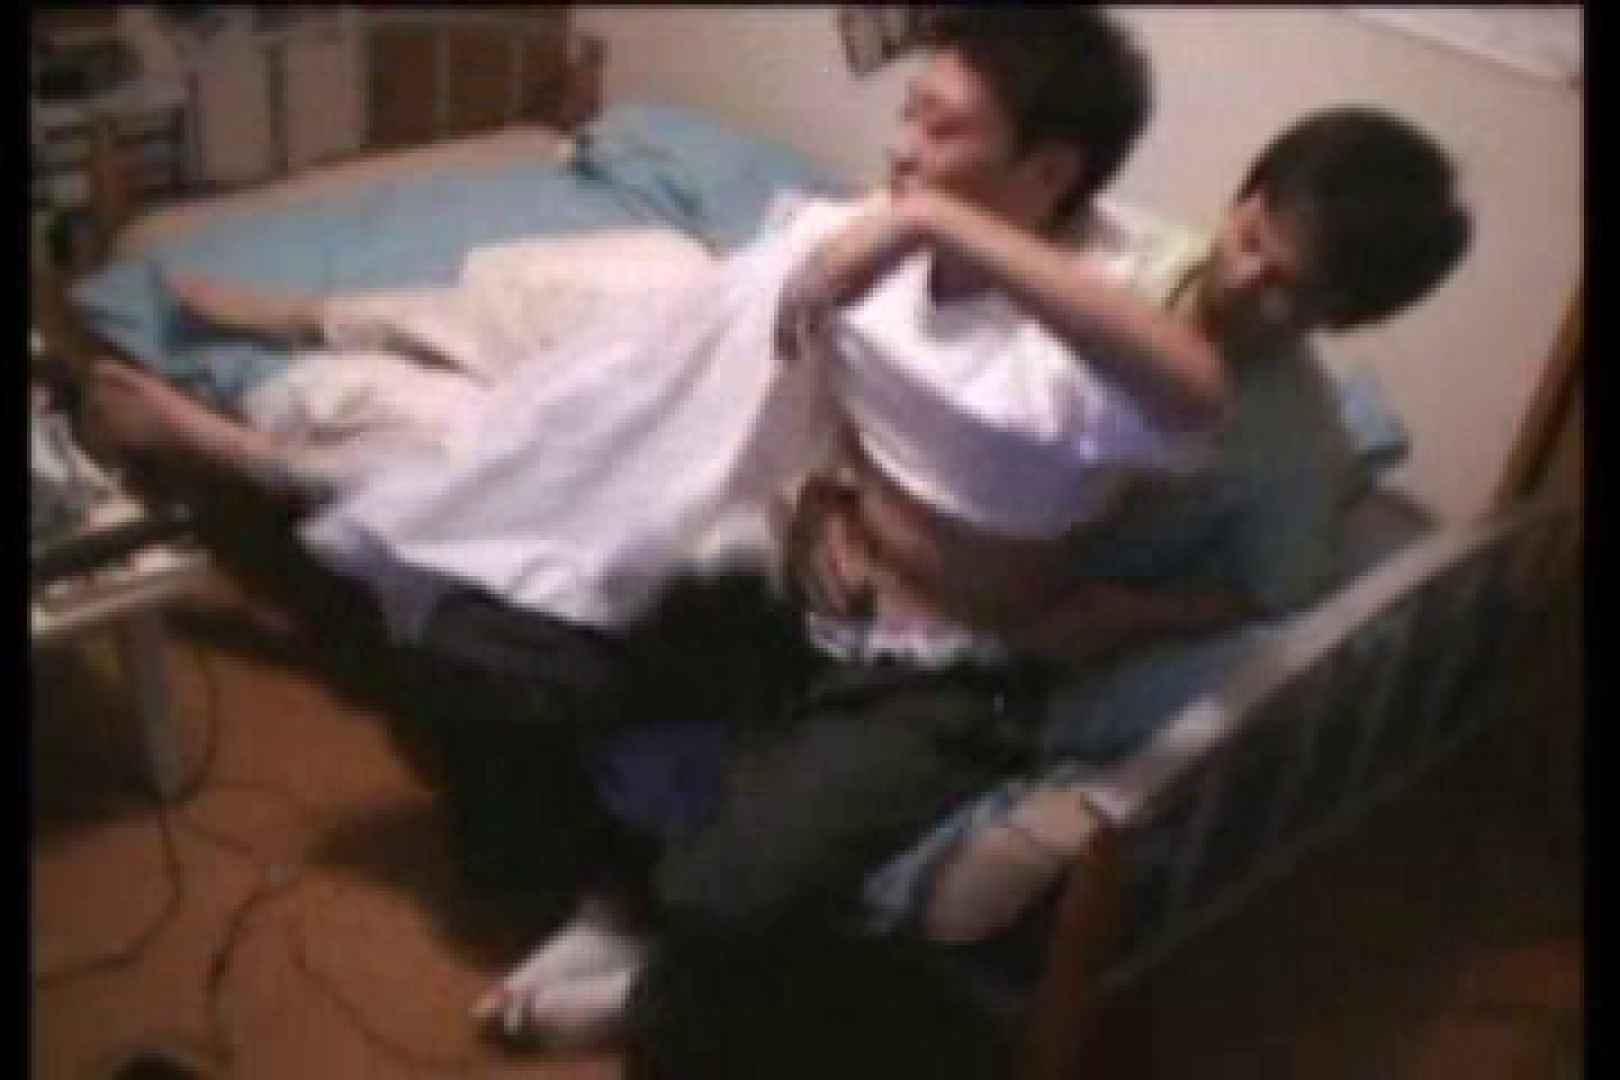 【実録投稿】友達覗撮In my room!! 射精  102pic 41